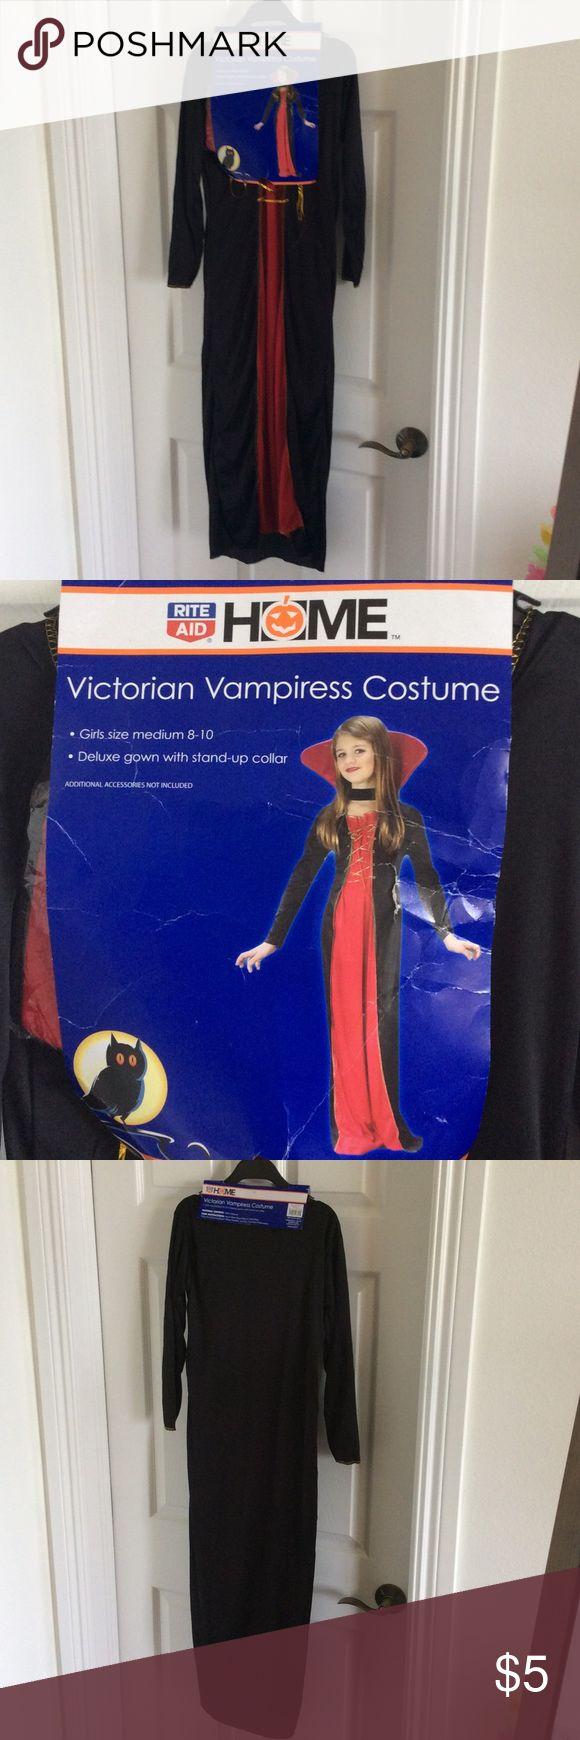 NWT VICTORIAN VAMPIRE COSTUME 8-10 Never worn Halloween Costume. Size 8-10 Child Costumes Halloween